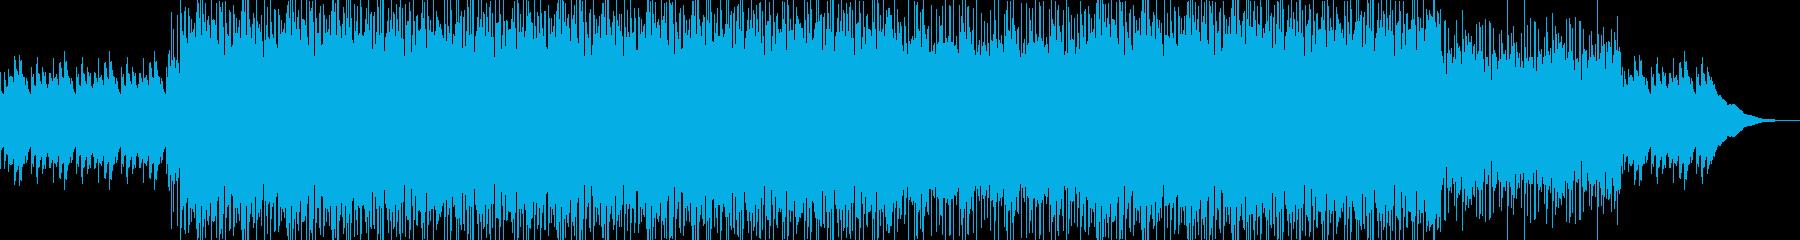 シンプルなロックギターサウンド-01の再生済みの波形